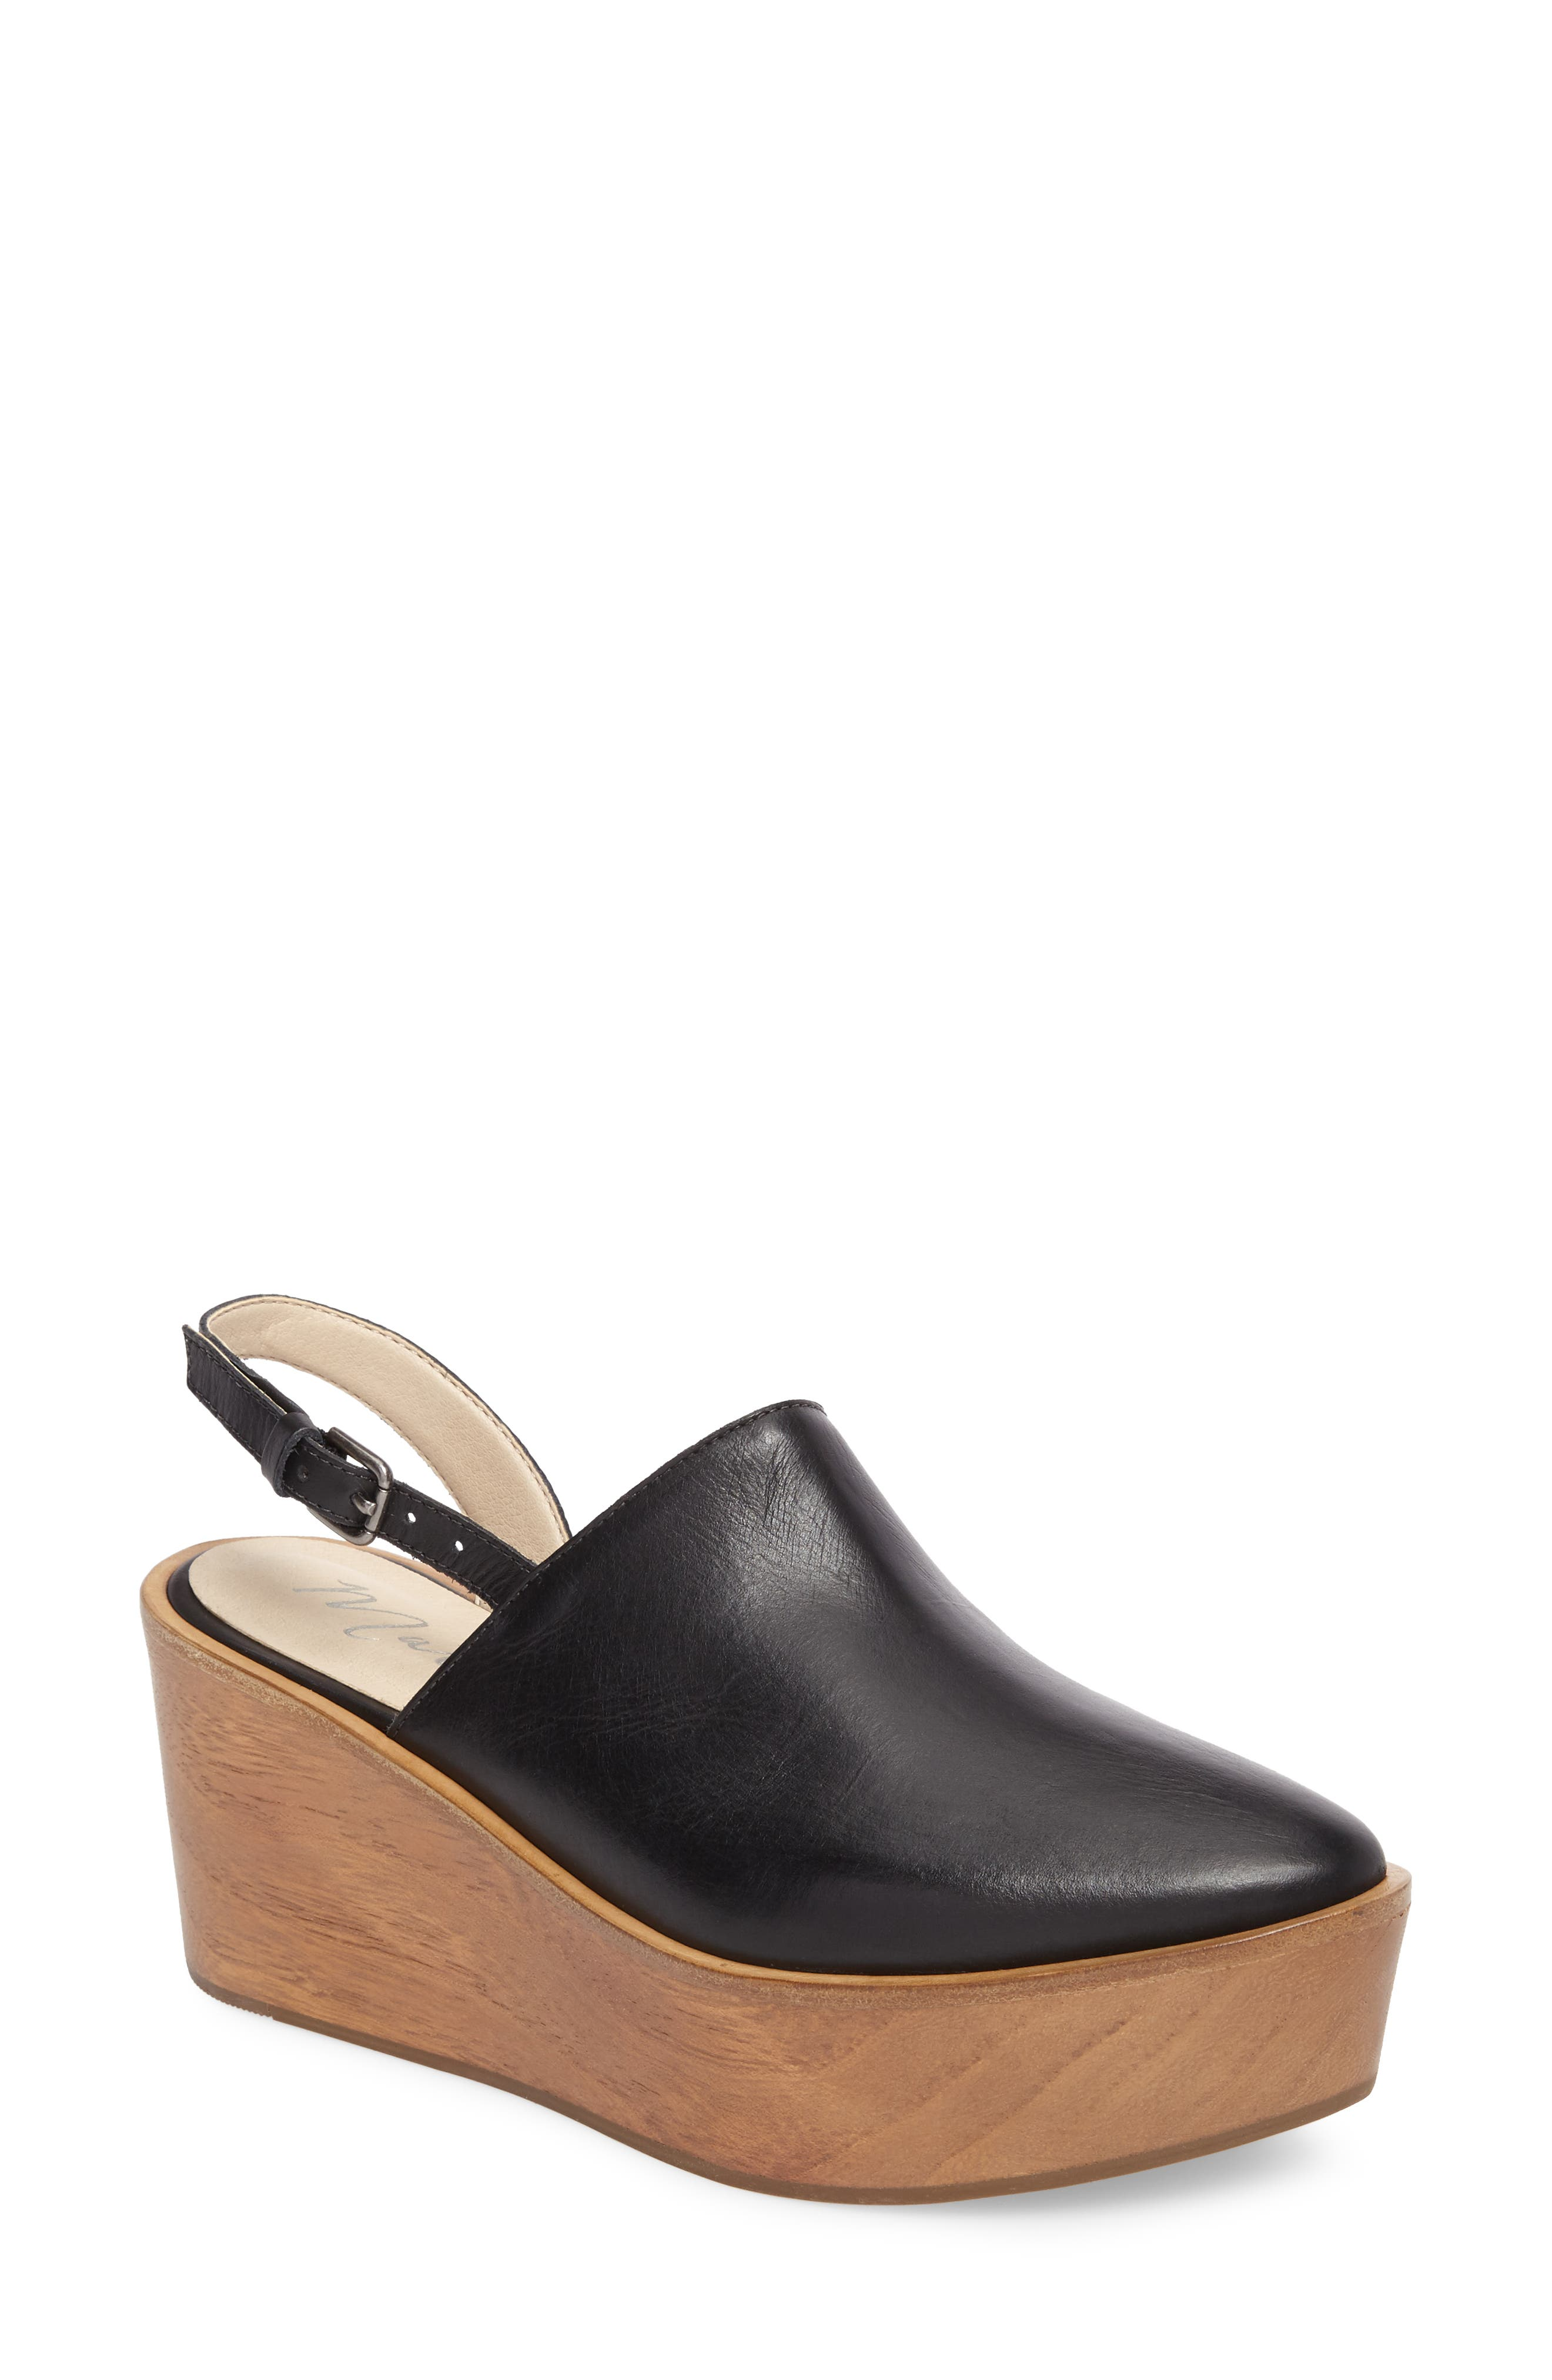 Eyals Slingback Platform Wedge Sandal,                         Main,                         color, BLACK LEATHER